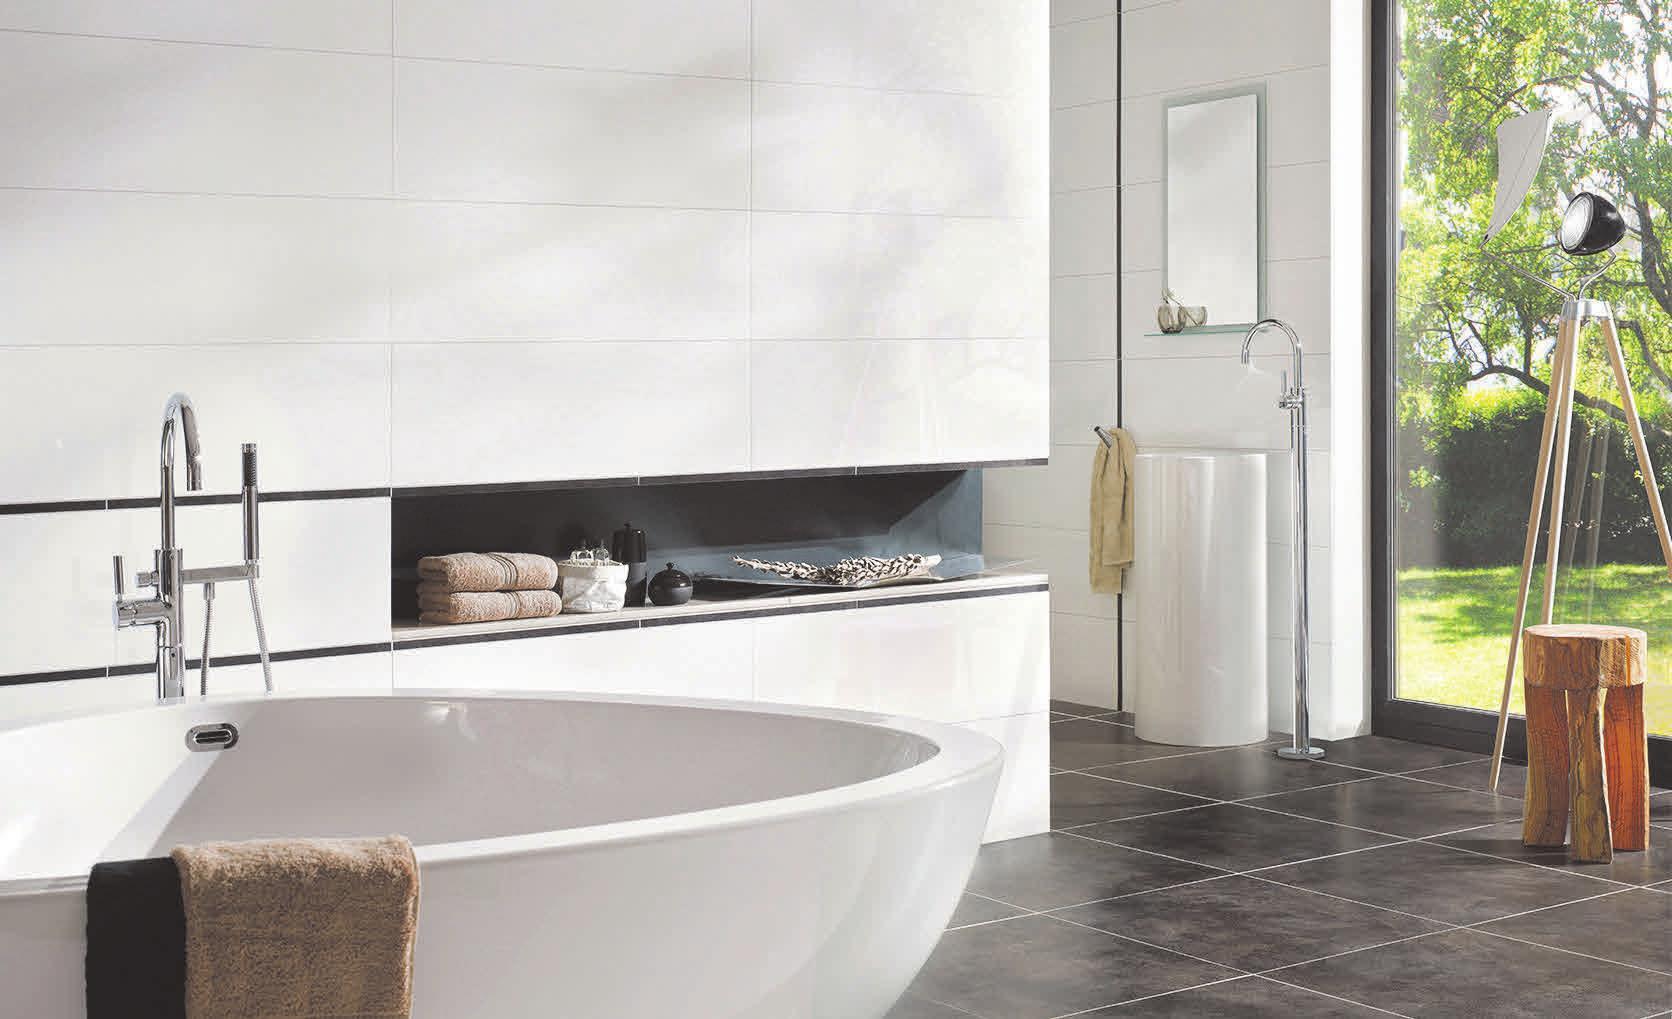 Wohlfühloase Bad mit allem Komfort. Fotos: privat